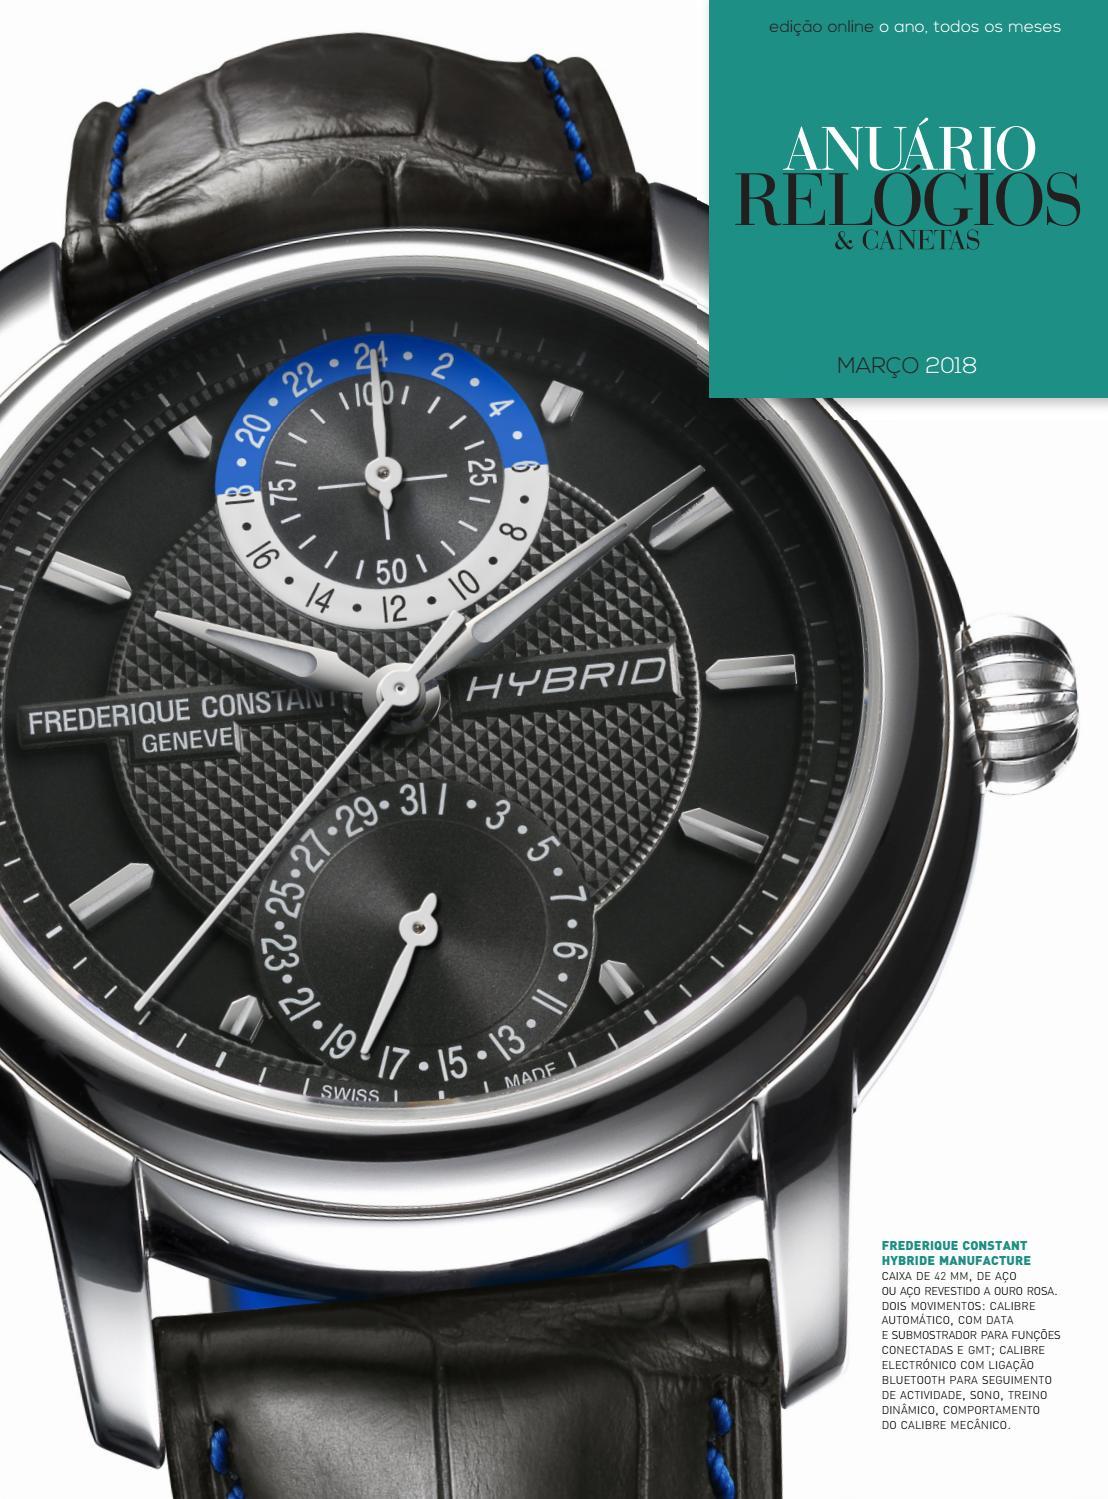 8a170d0eece Anuário Relógios   Canetas - Março 2018 by Anuário Relógios   Canetas -  issuu